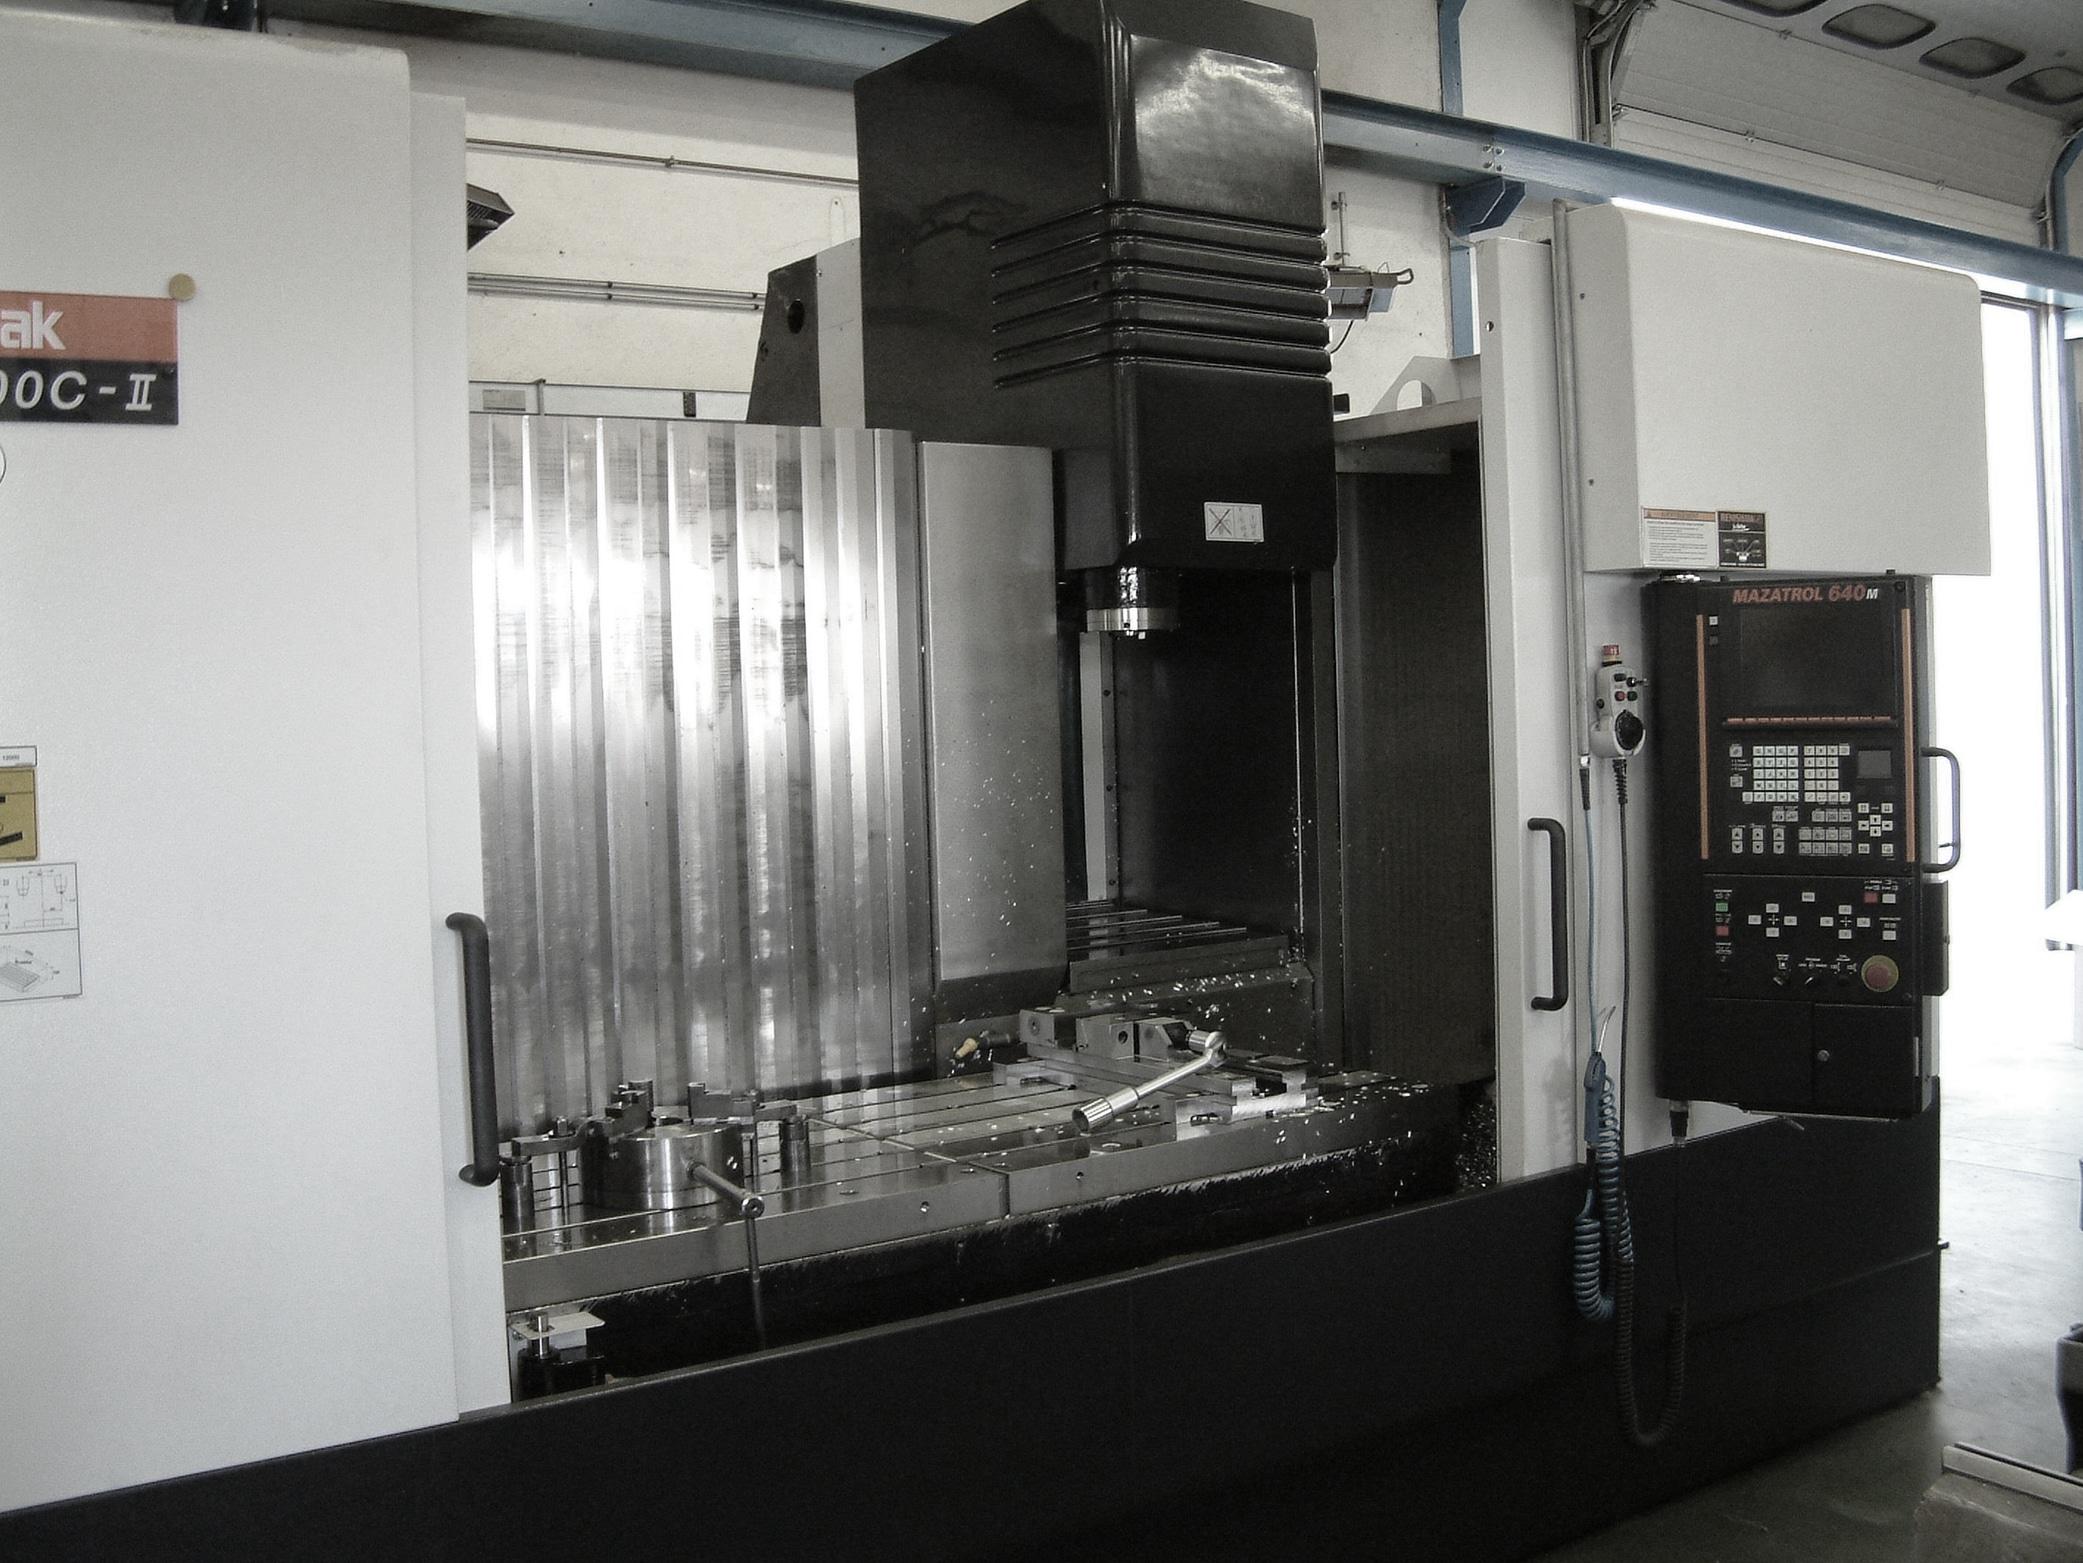 Ets DUBREUCQ mécanique générale fraisage tournage rectification précision parachevement soudage Mazak VTC 300 C II